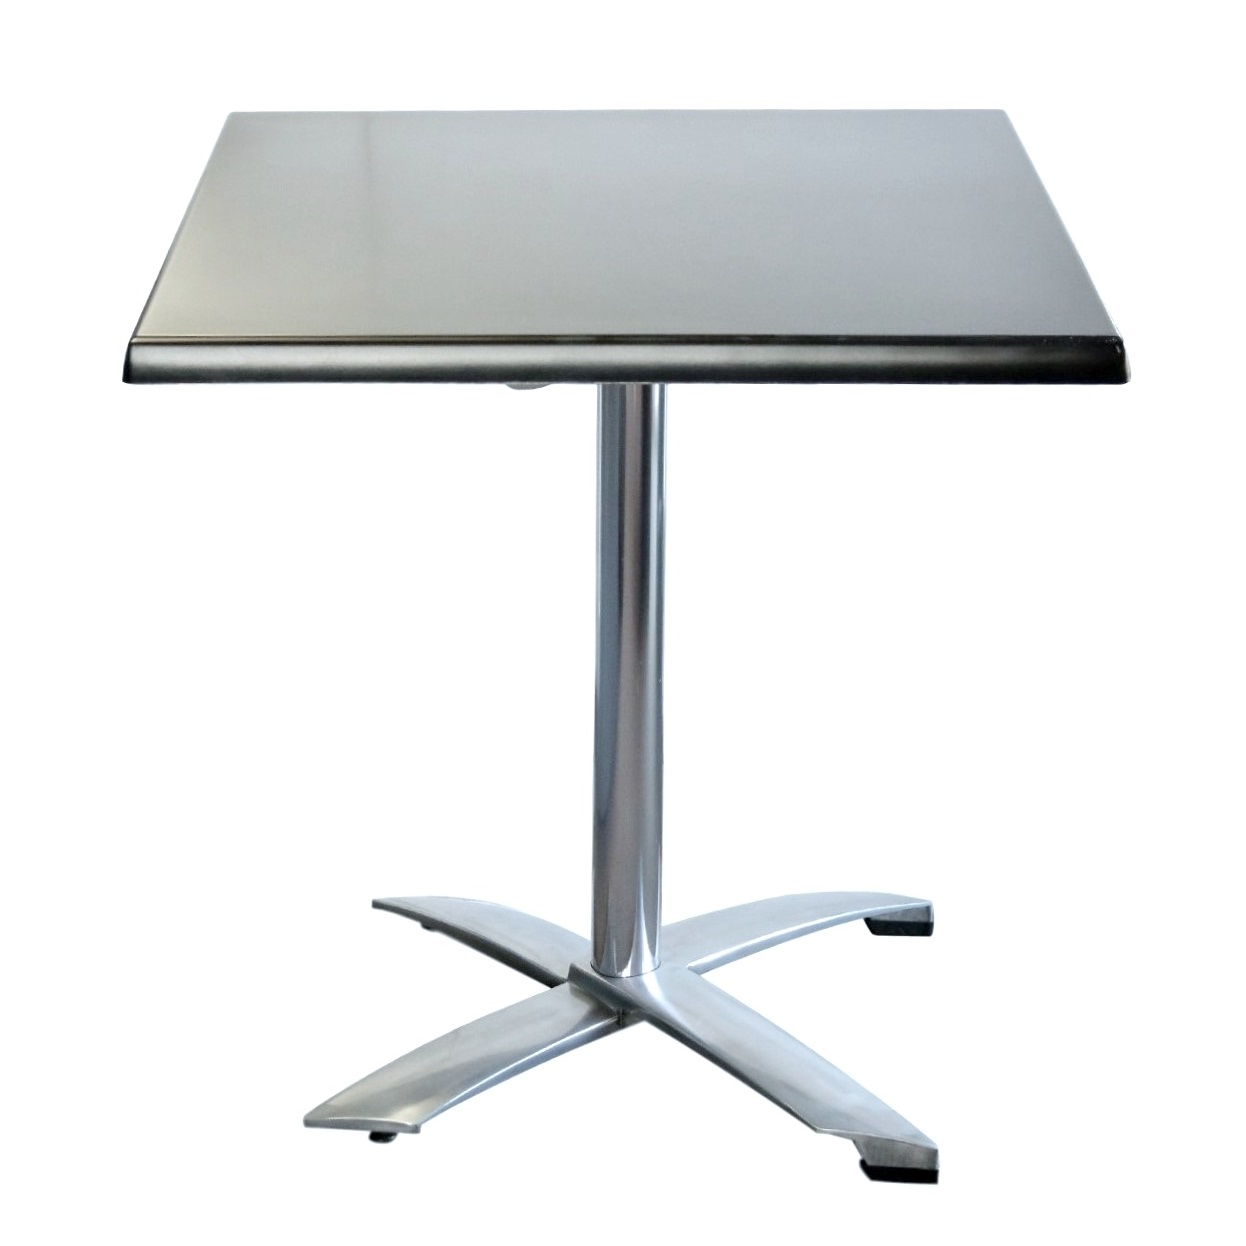 Blitz Table Base Square Table